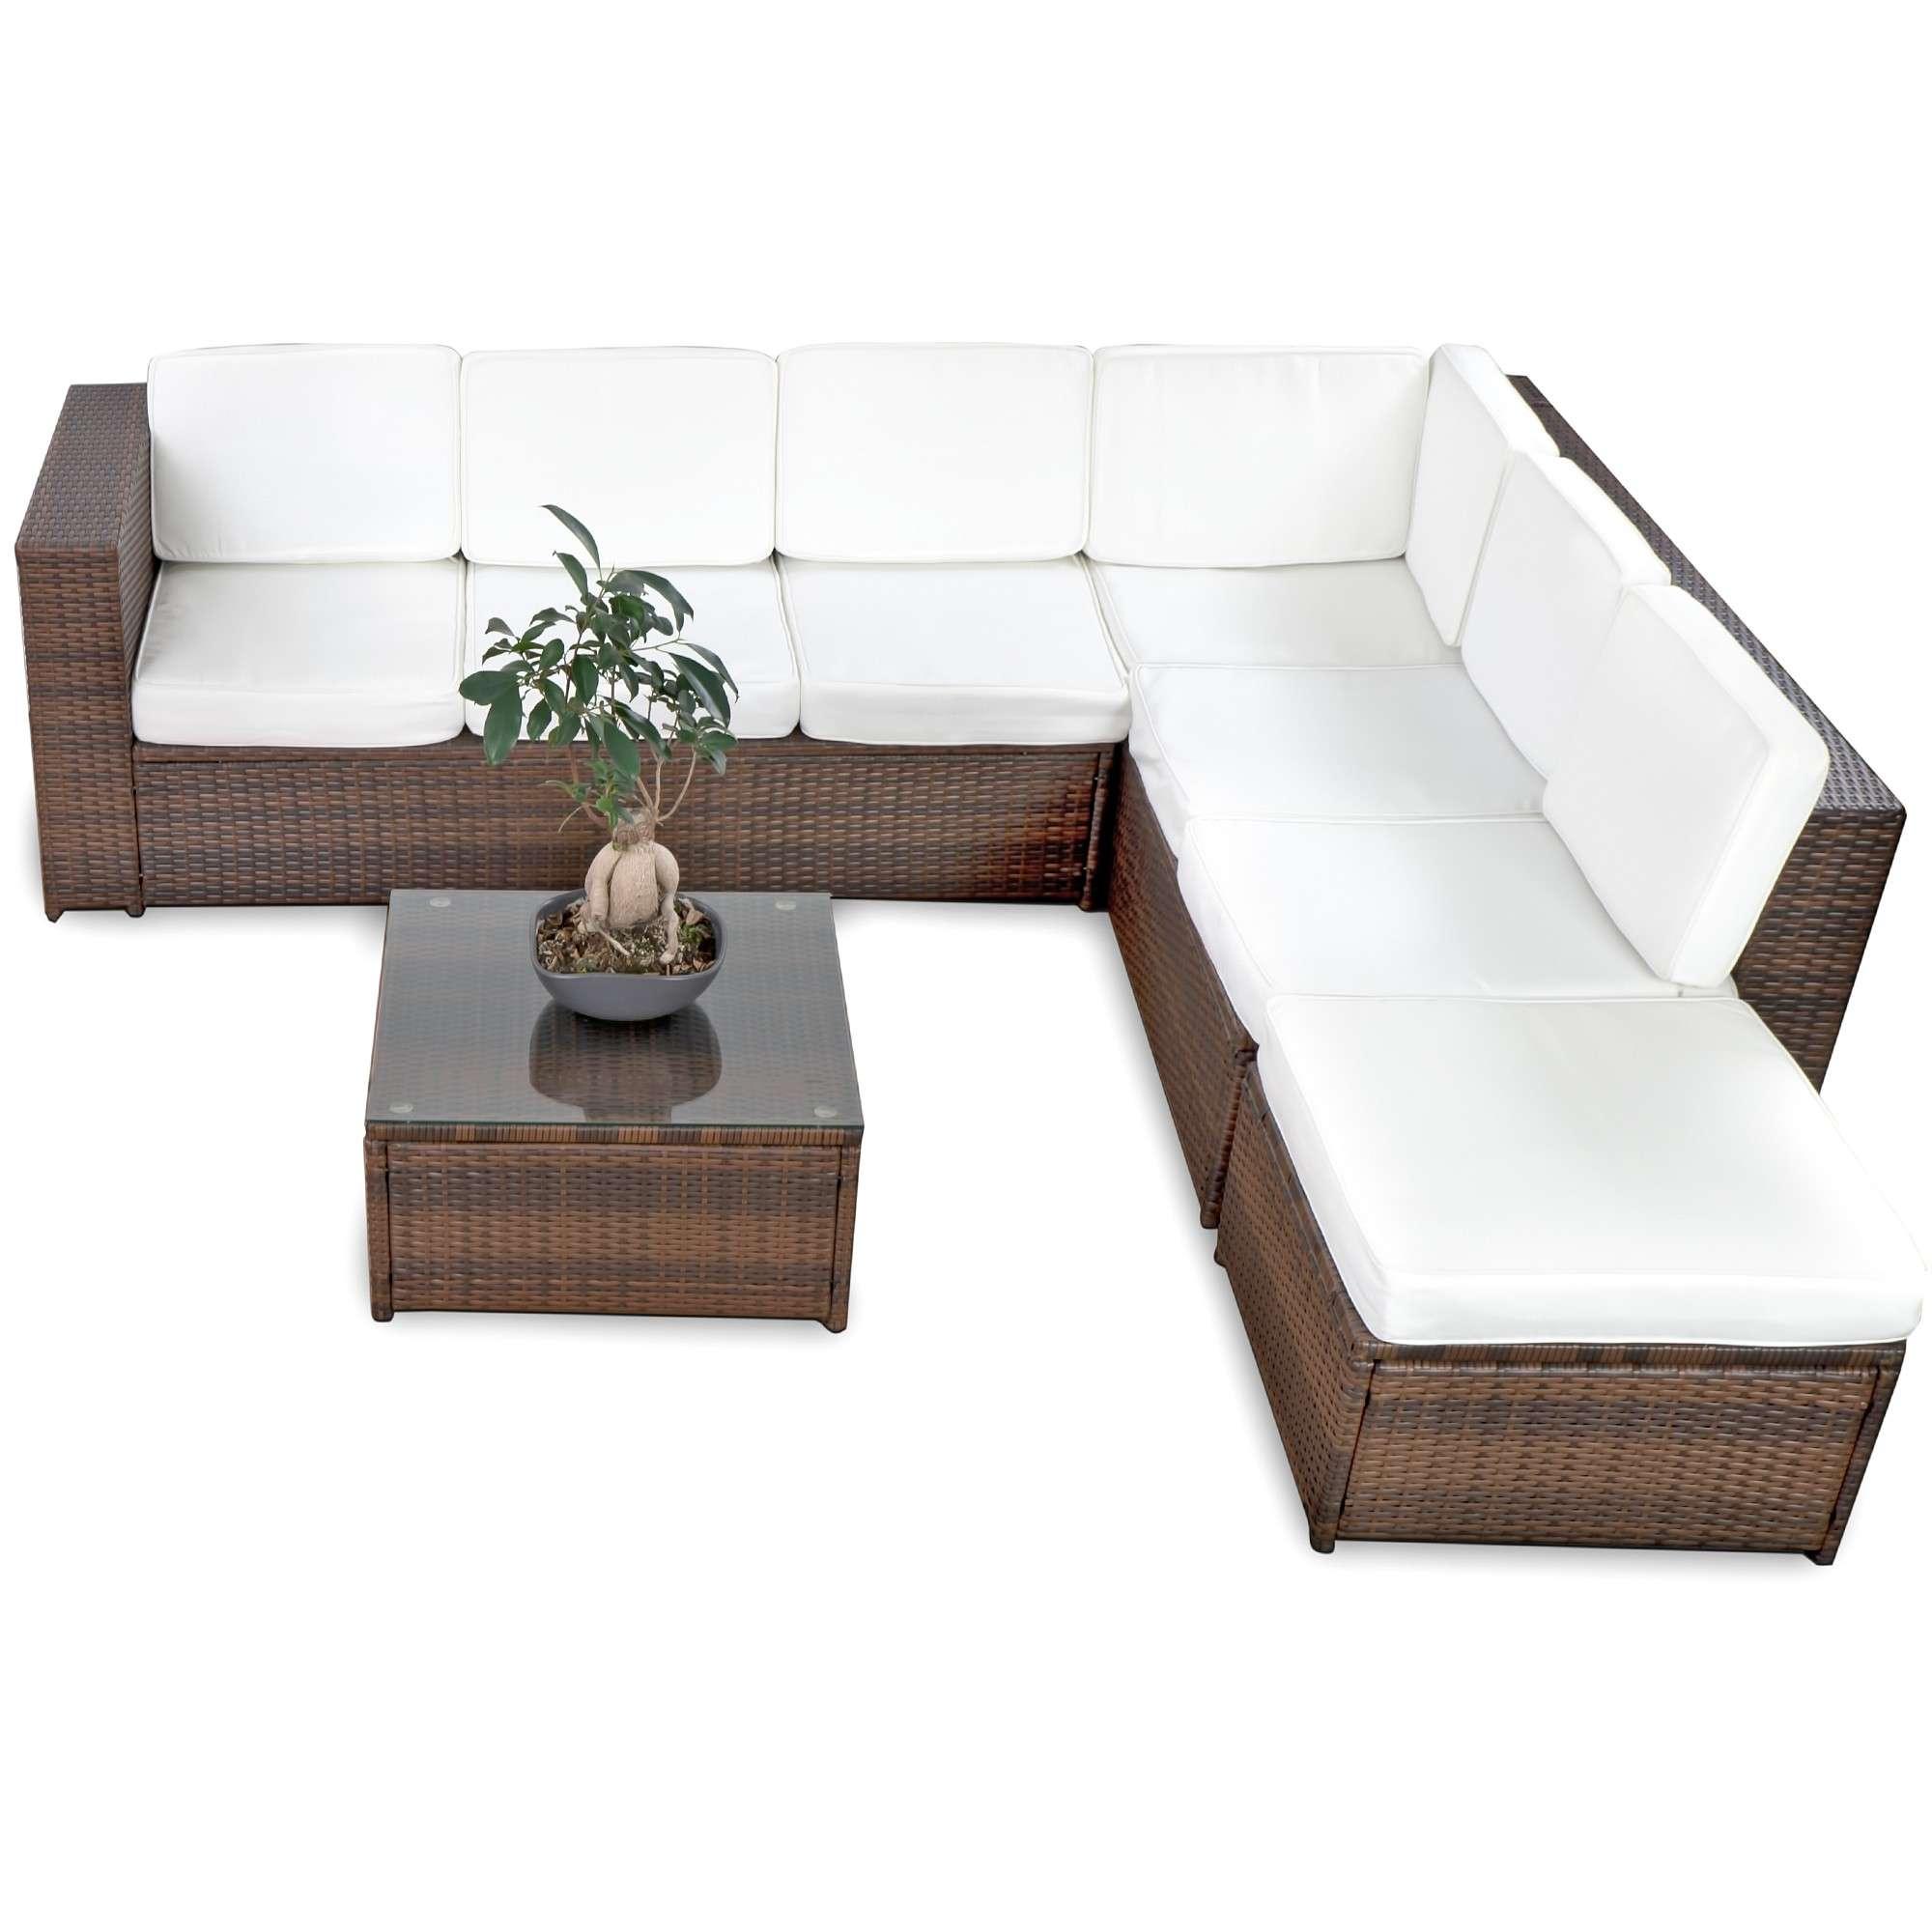 rattan lounge set. Black Bedroom Furniture Sets. Home Design Ideas